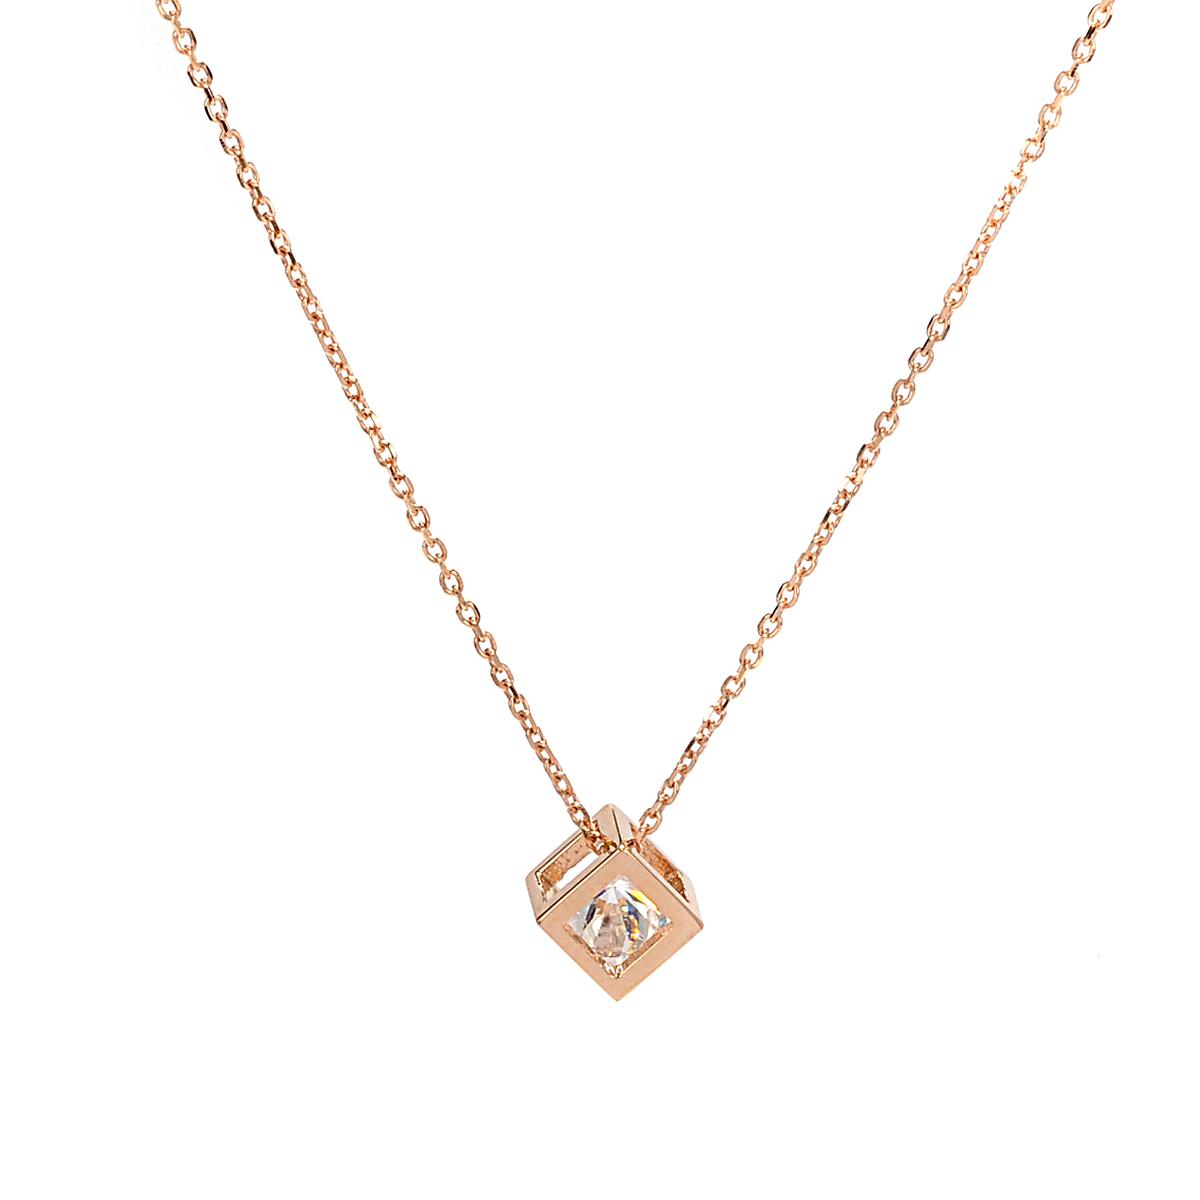 Κολιέ κύβος ροζ χρυσό K14 4157  837797fbaac